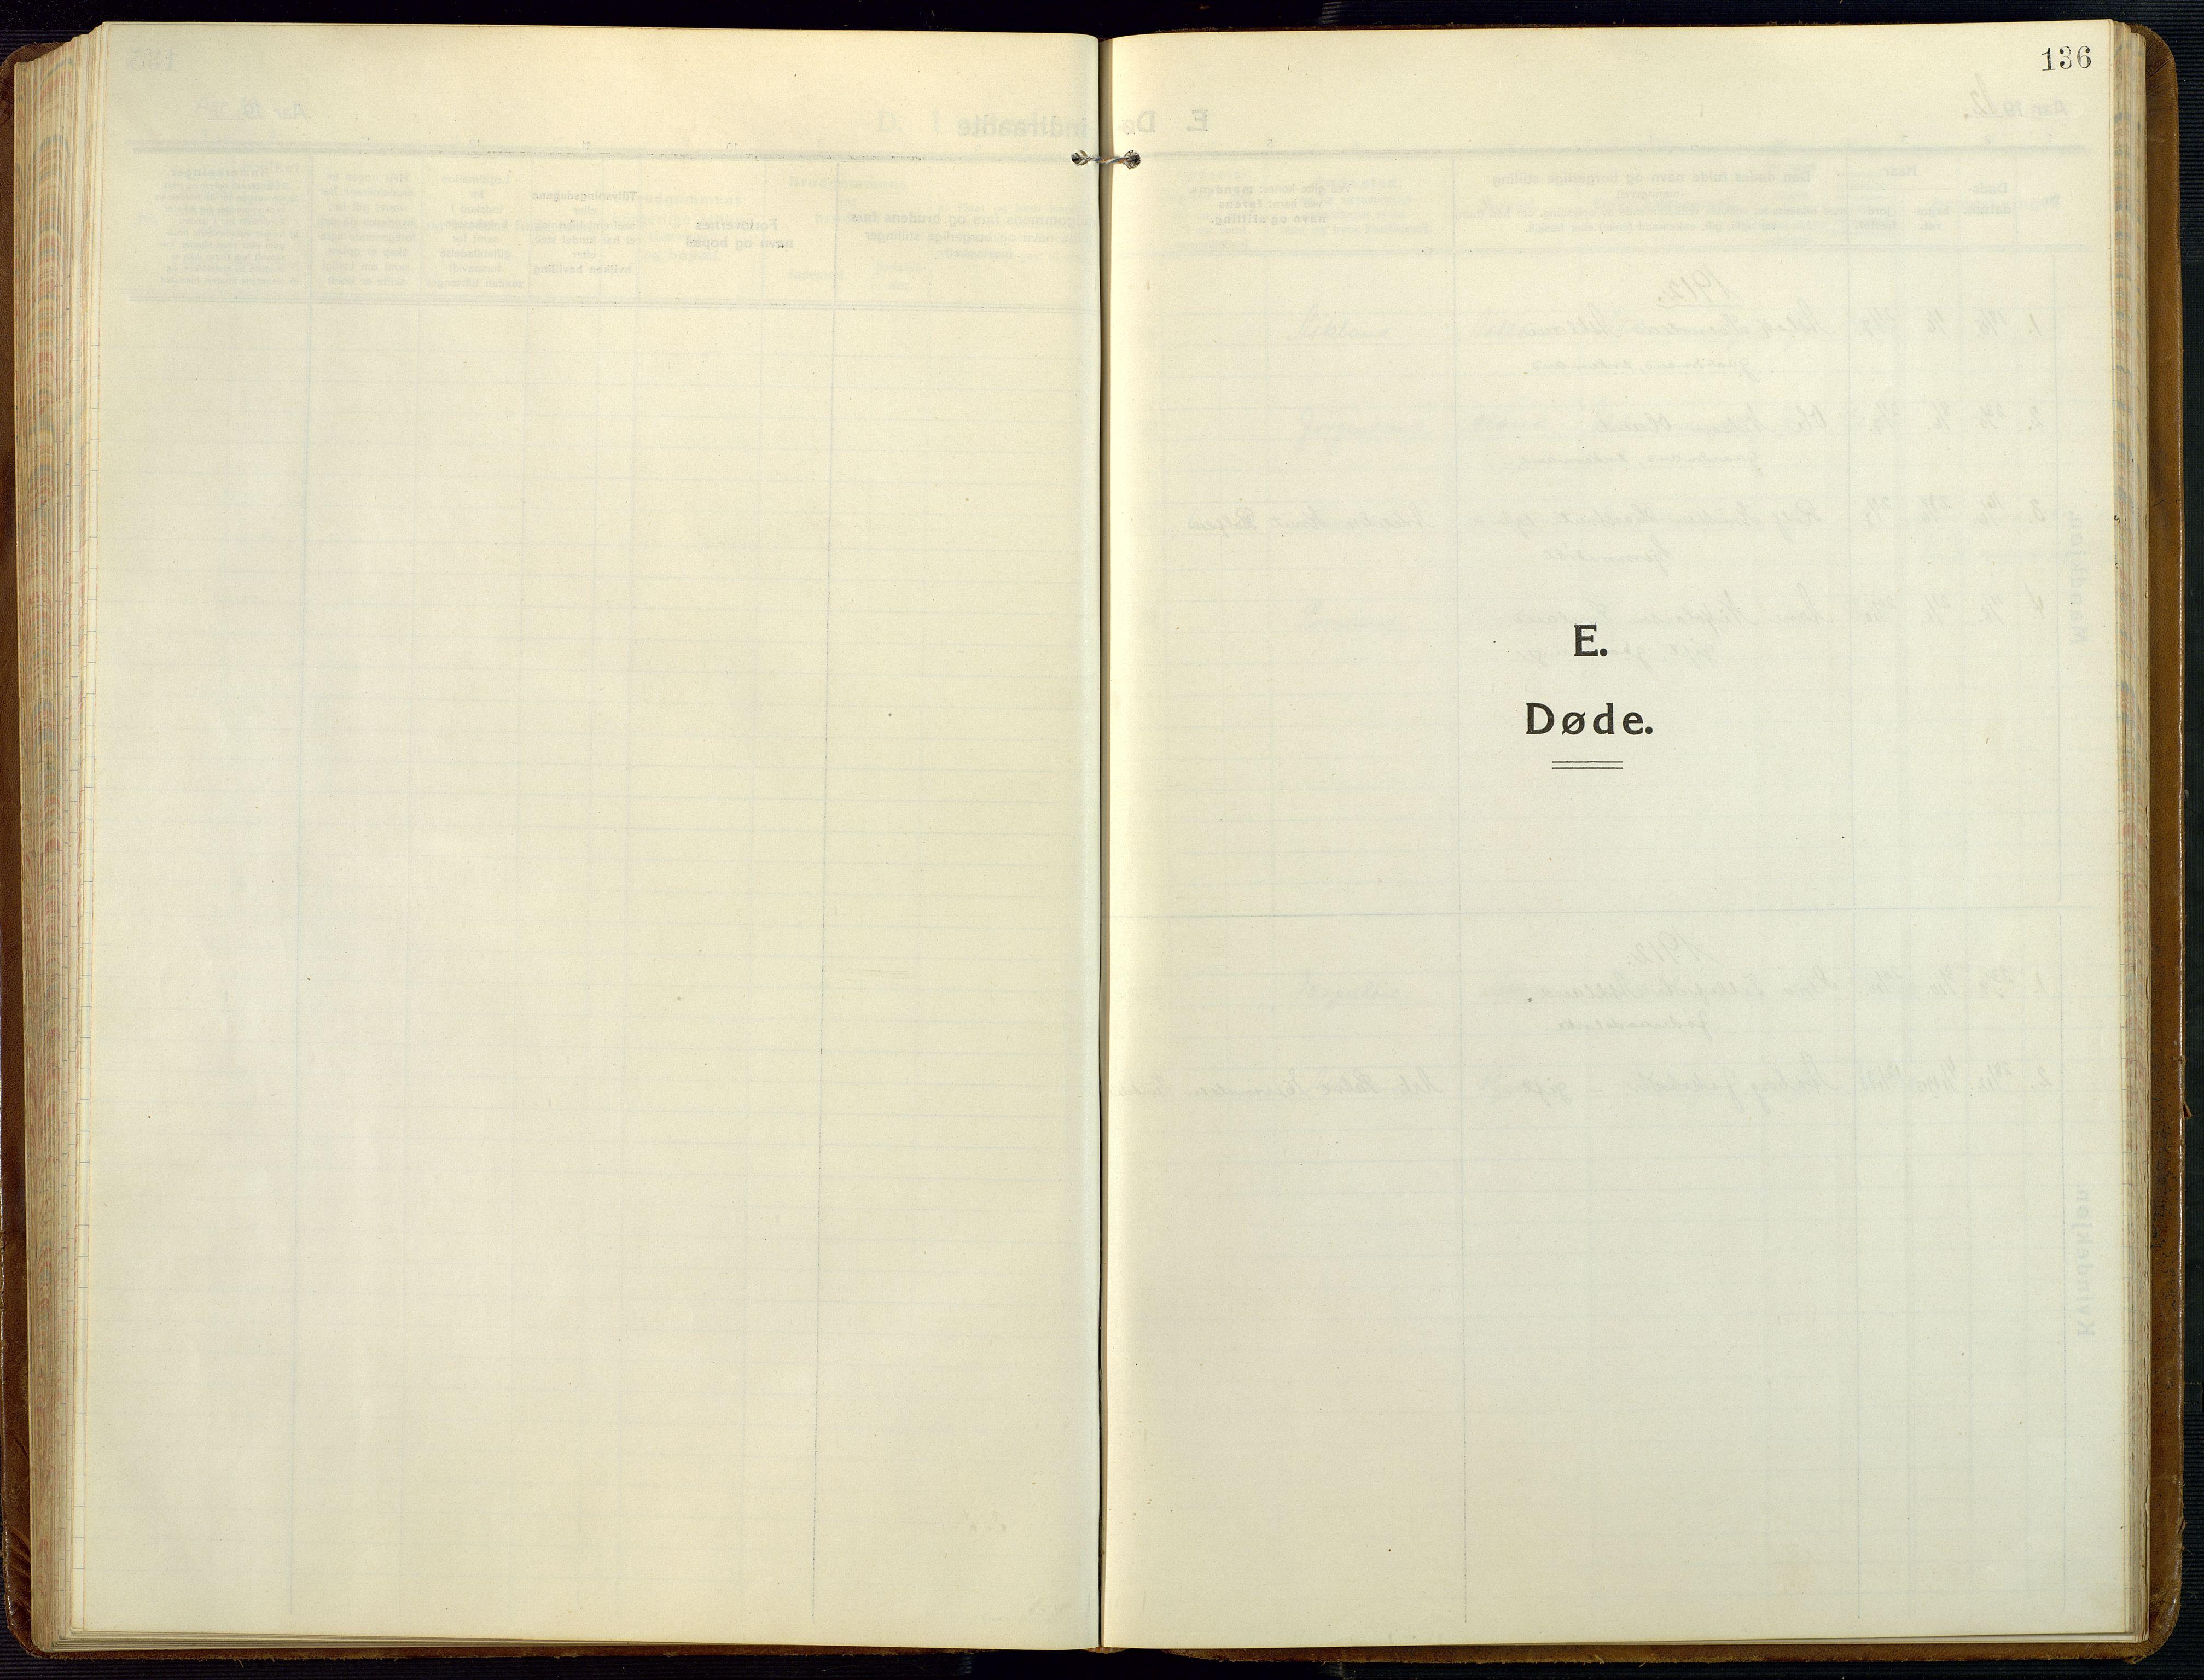 SAK, Åmli sokneprestkontor, F/Fb/Fba/L0003: Klokkerbok nr. B 3, 1912-1974, s. 136